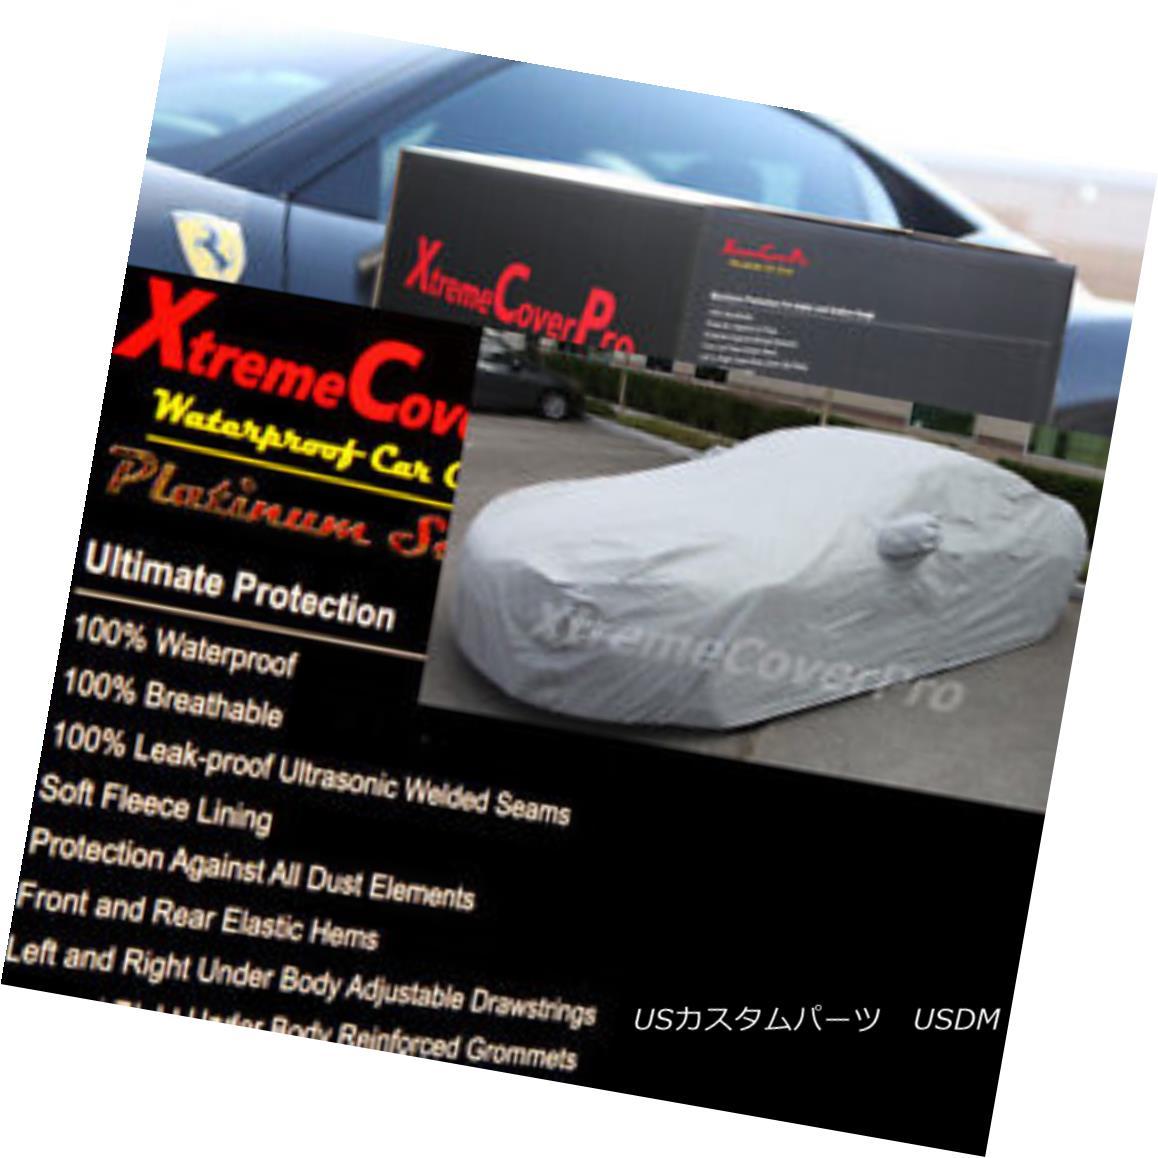 カーカバー 2018 MERCEDES CLS550 CLS63 WATERPROOF CAR COVER W/MIRROR POCKET GRAY 2018年メルセデスCLS550 CLS63ウォータープルーフカーカバーW /ミラーポケットグレー